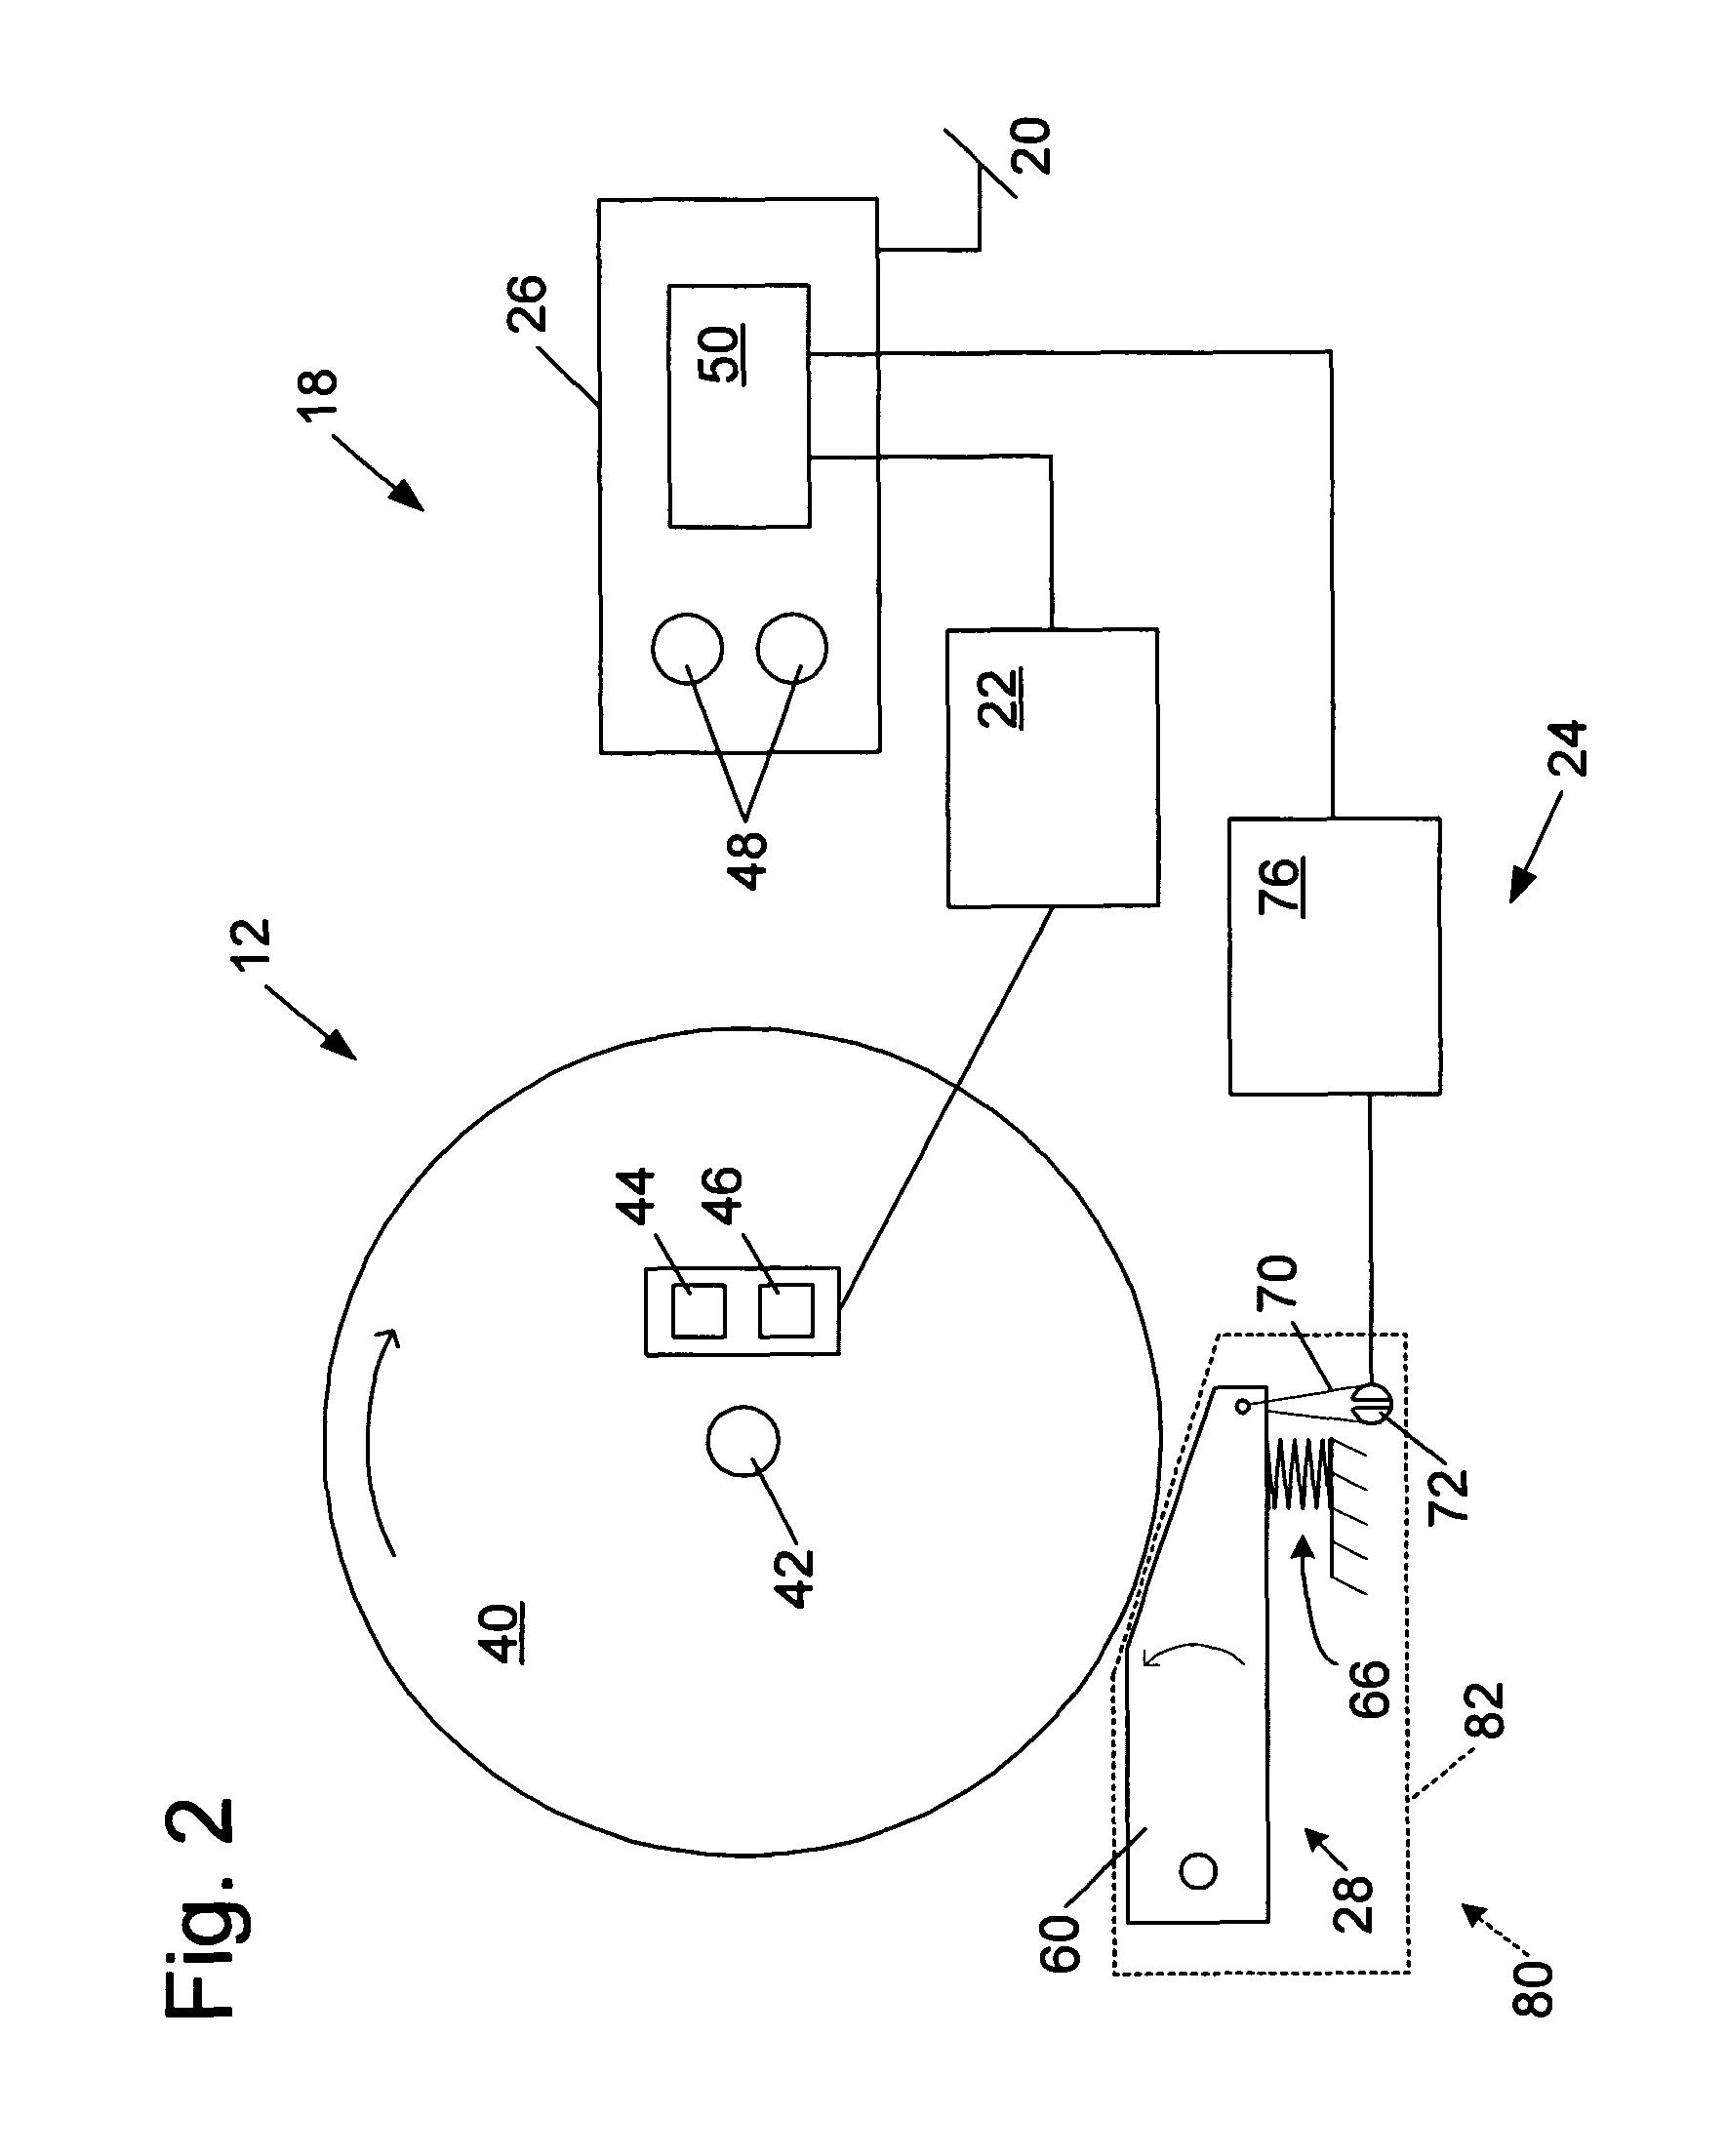 480 volt to 120 volt transformer wiring diagram fuse box wiring 480 Volt Plug 480 to 240 transformer wiring wiring diagram database480 to 120 wiring diagram wiring diagram database 480